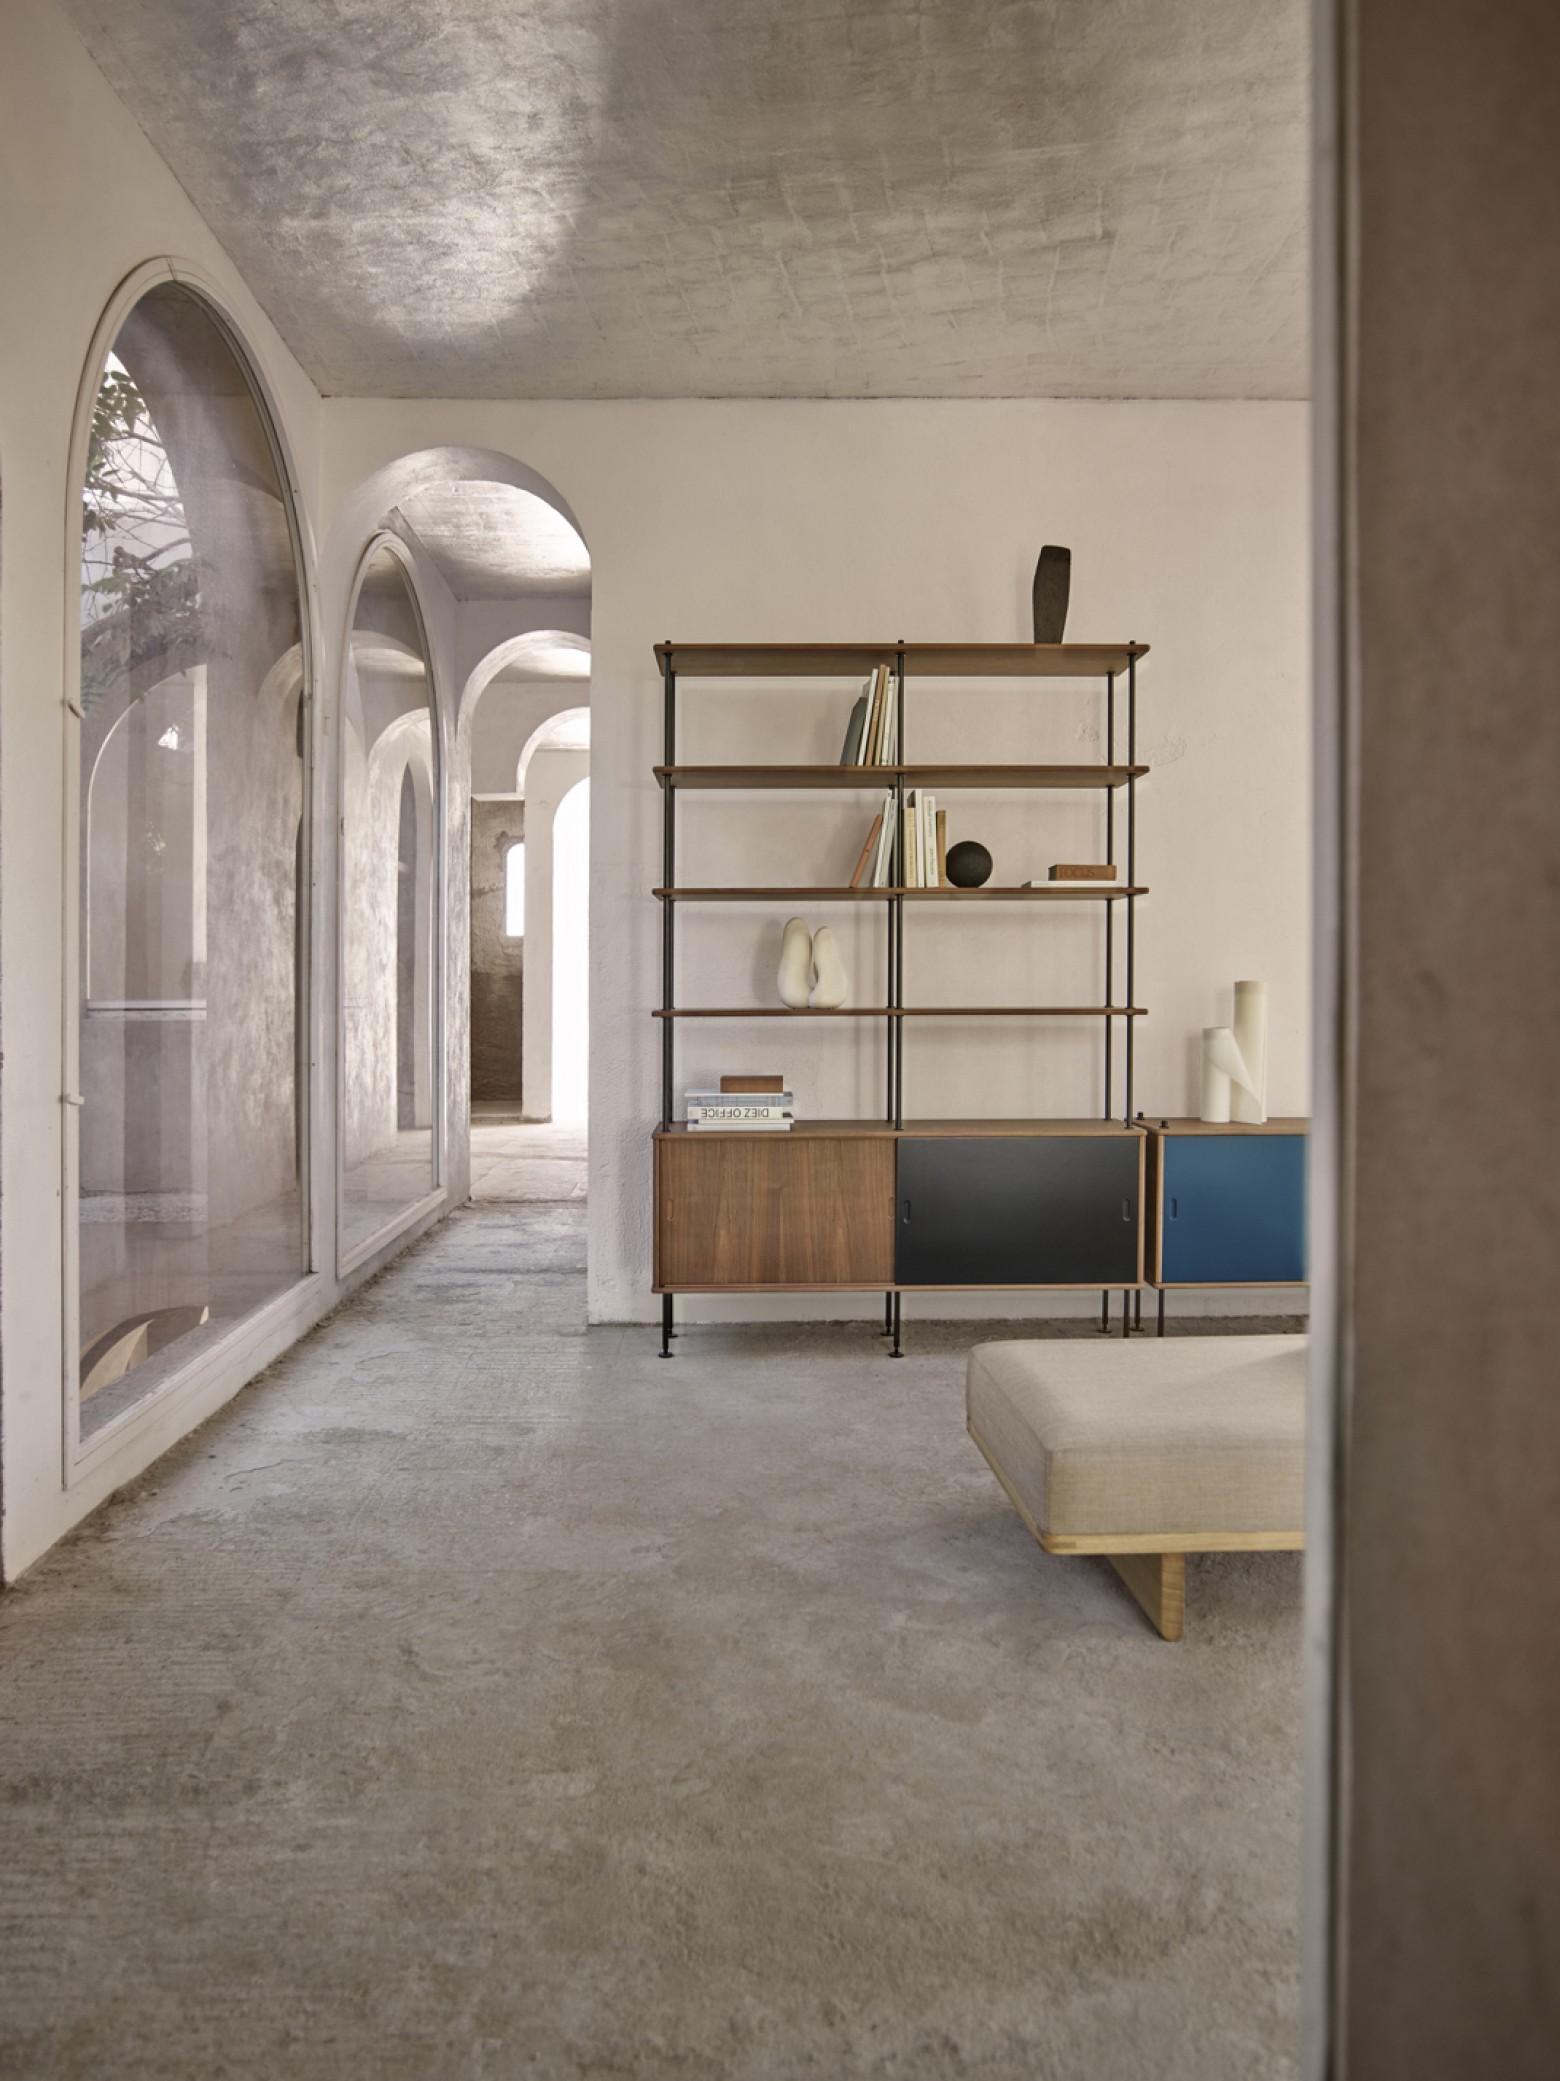 Duurzaam, tijdloos Shelving System van Borge Mogensen, eindelijk in productie  Victors Design Agency